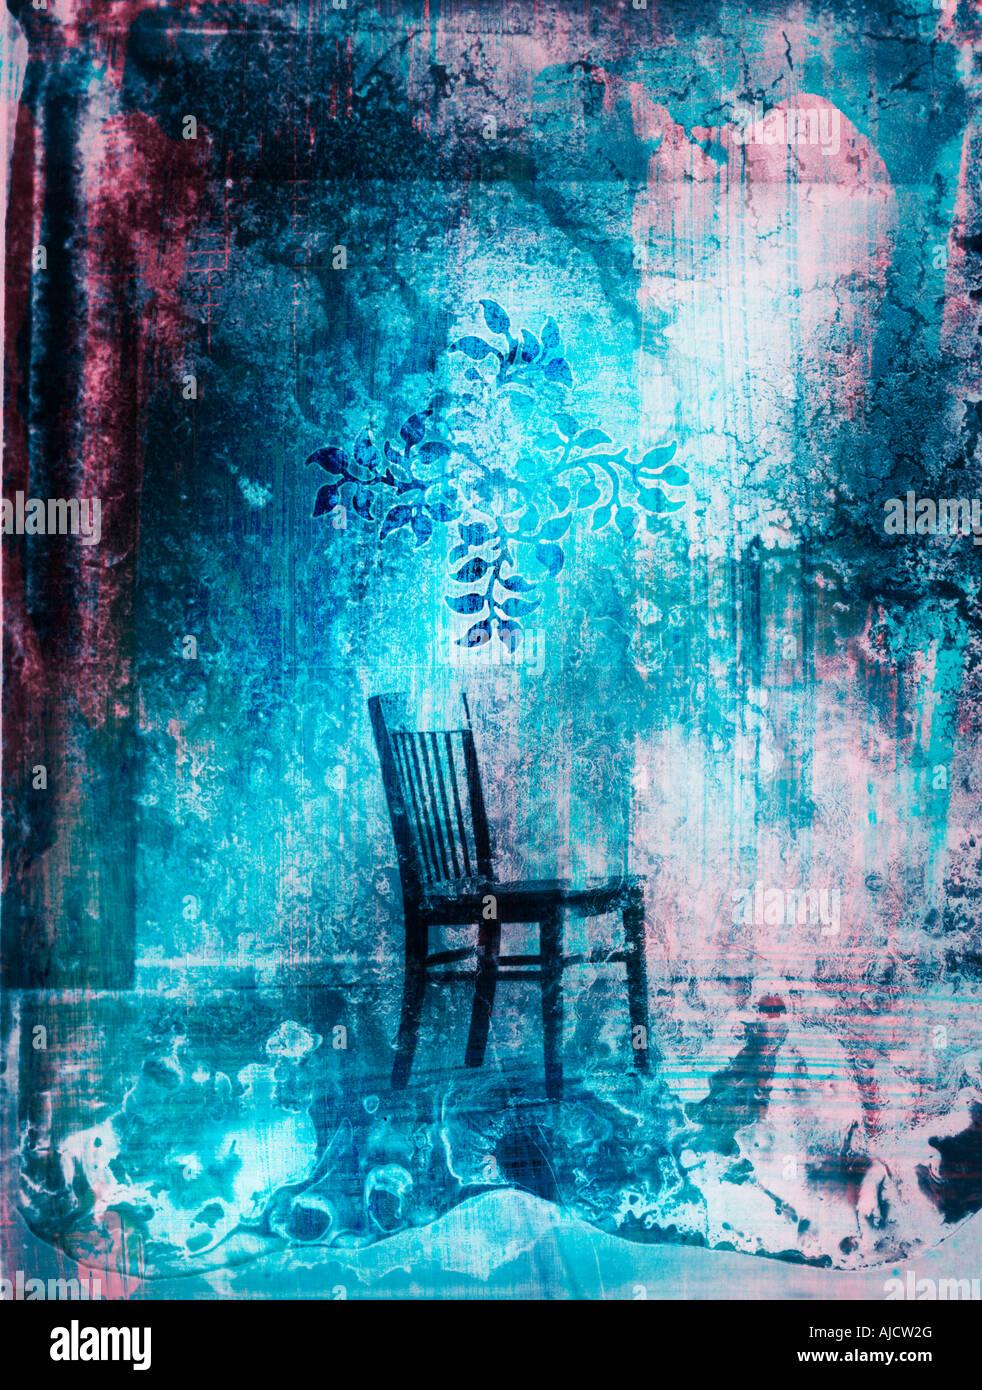 Foto-Illustration eines Stuhls allein in einem Raum Stockbild